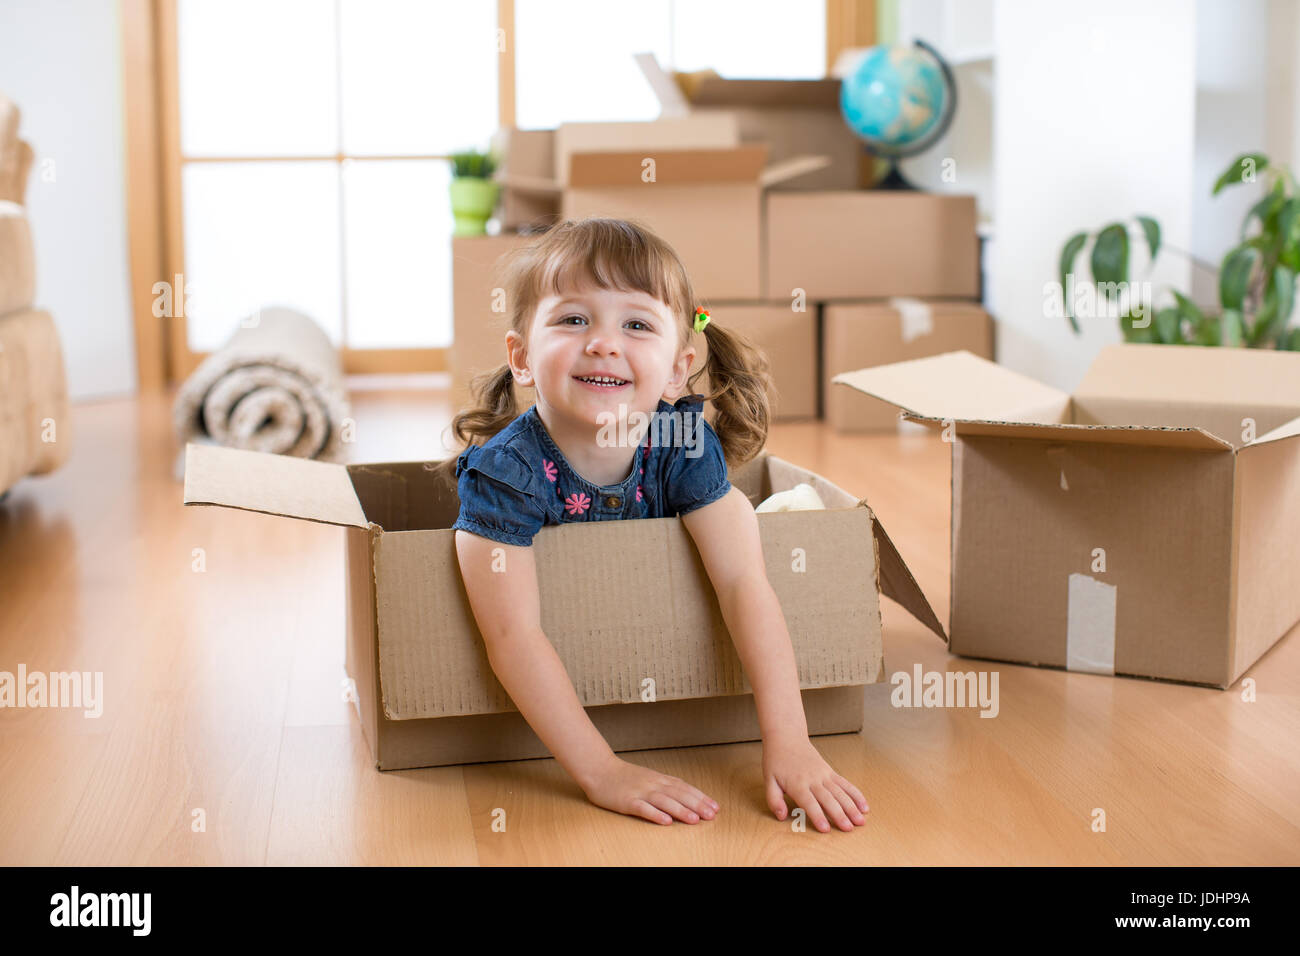 Tout juste d'emménager dans une nouvelle maison. Enfant dans boîte en carton. Banque D'Images